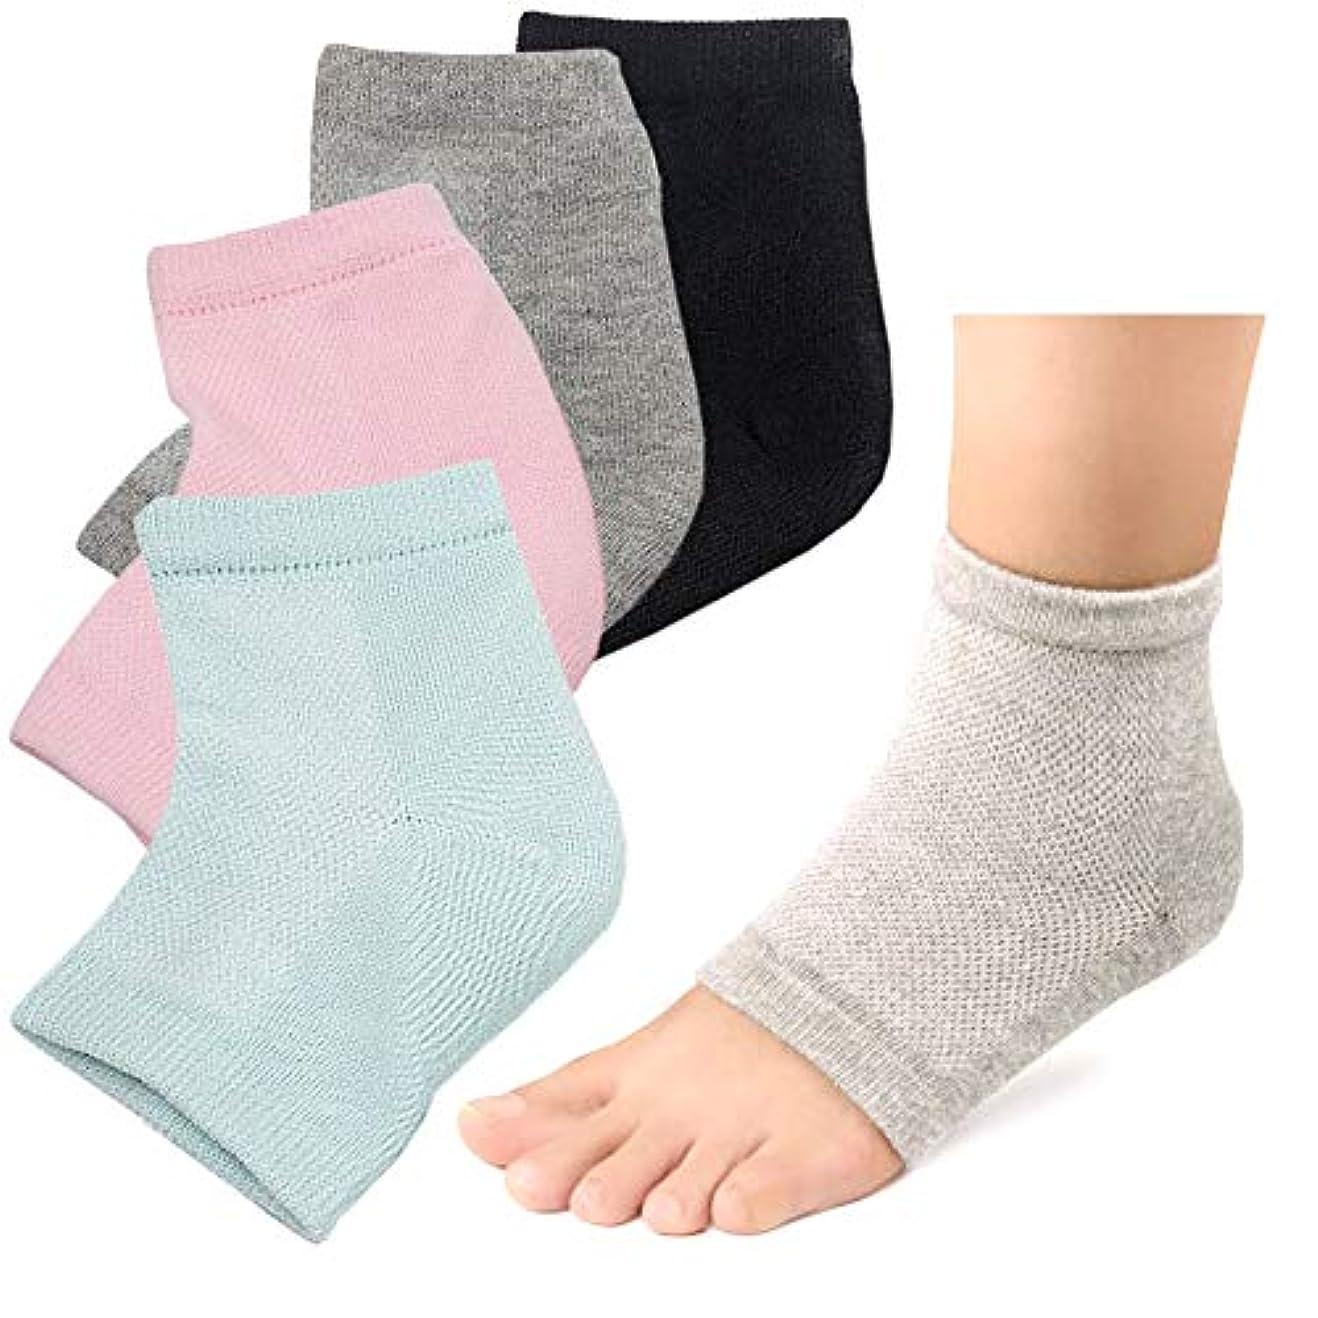 誤解を招く消化器不満かかと 靴下 ソックス つるつる 2足セット かかとケア かかとサポーター ひび割れ対策 角質ケア (ピンク/グリーン)